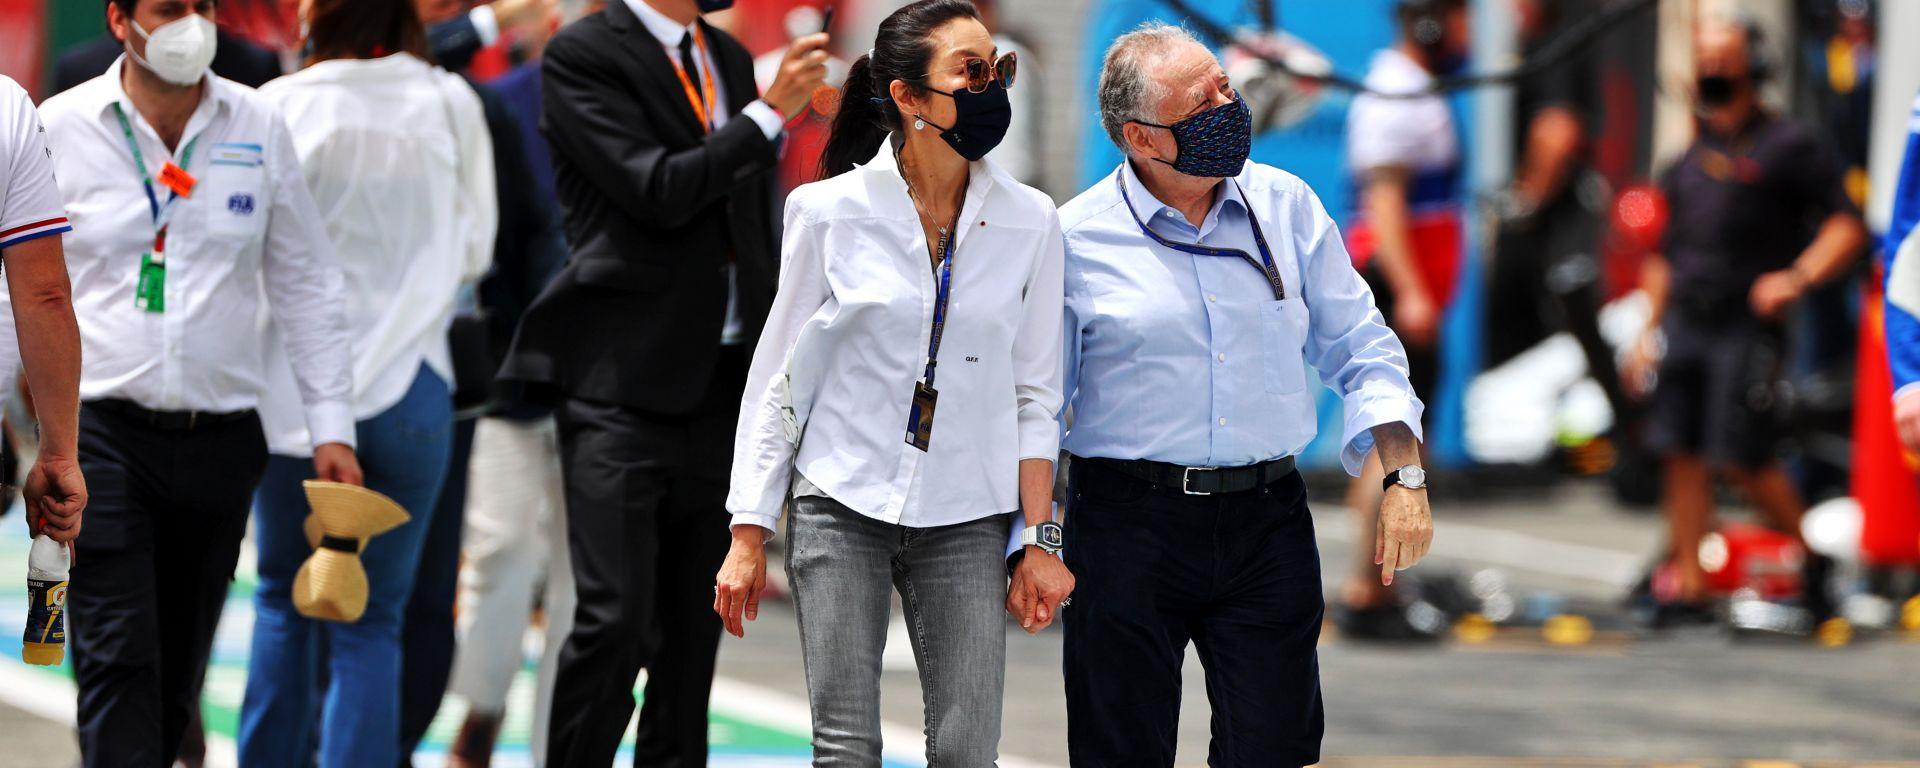 F1 GP Francia 2021, Le Castellet: Jean Todt (Fia) con la compagna Michelle Yeoh